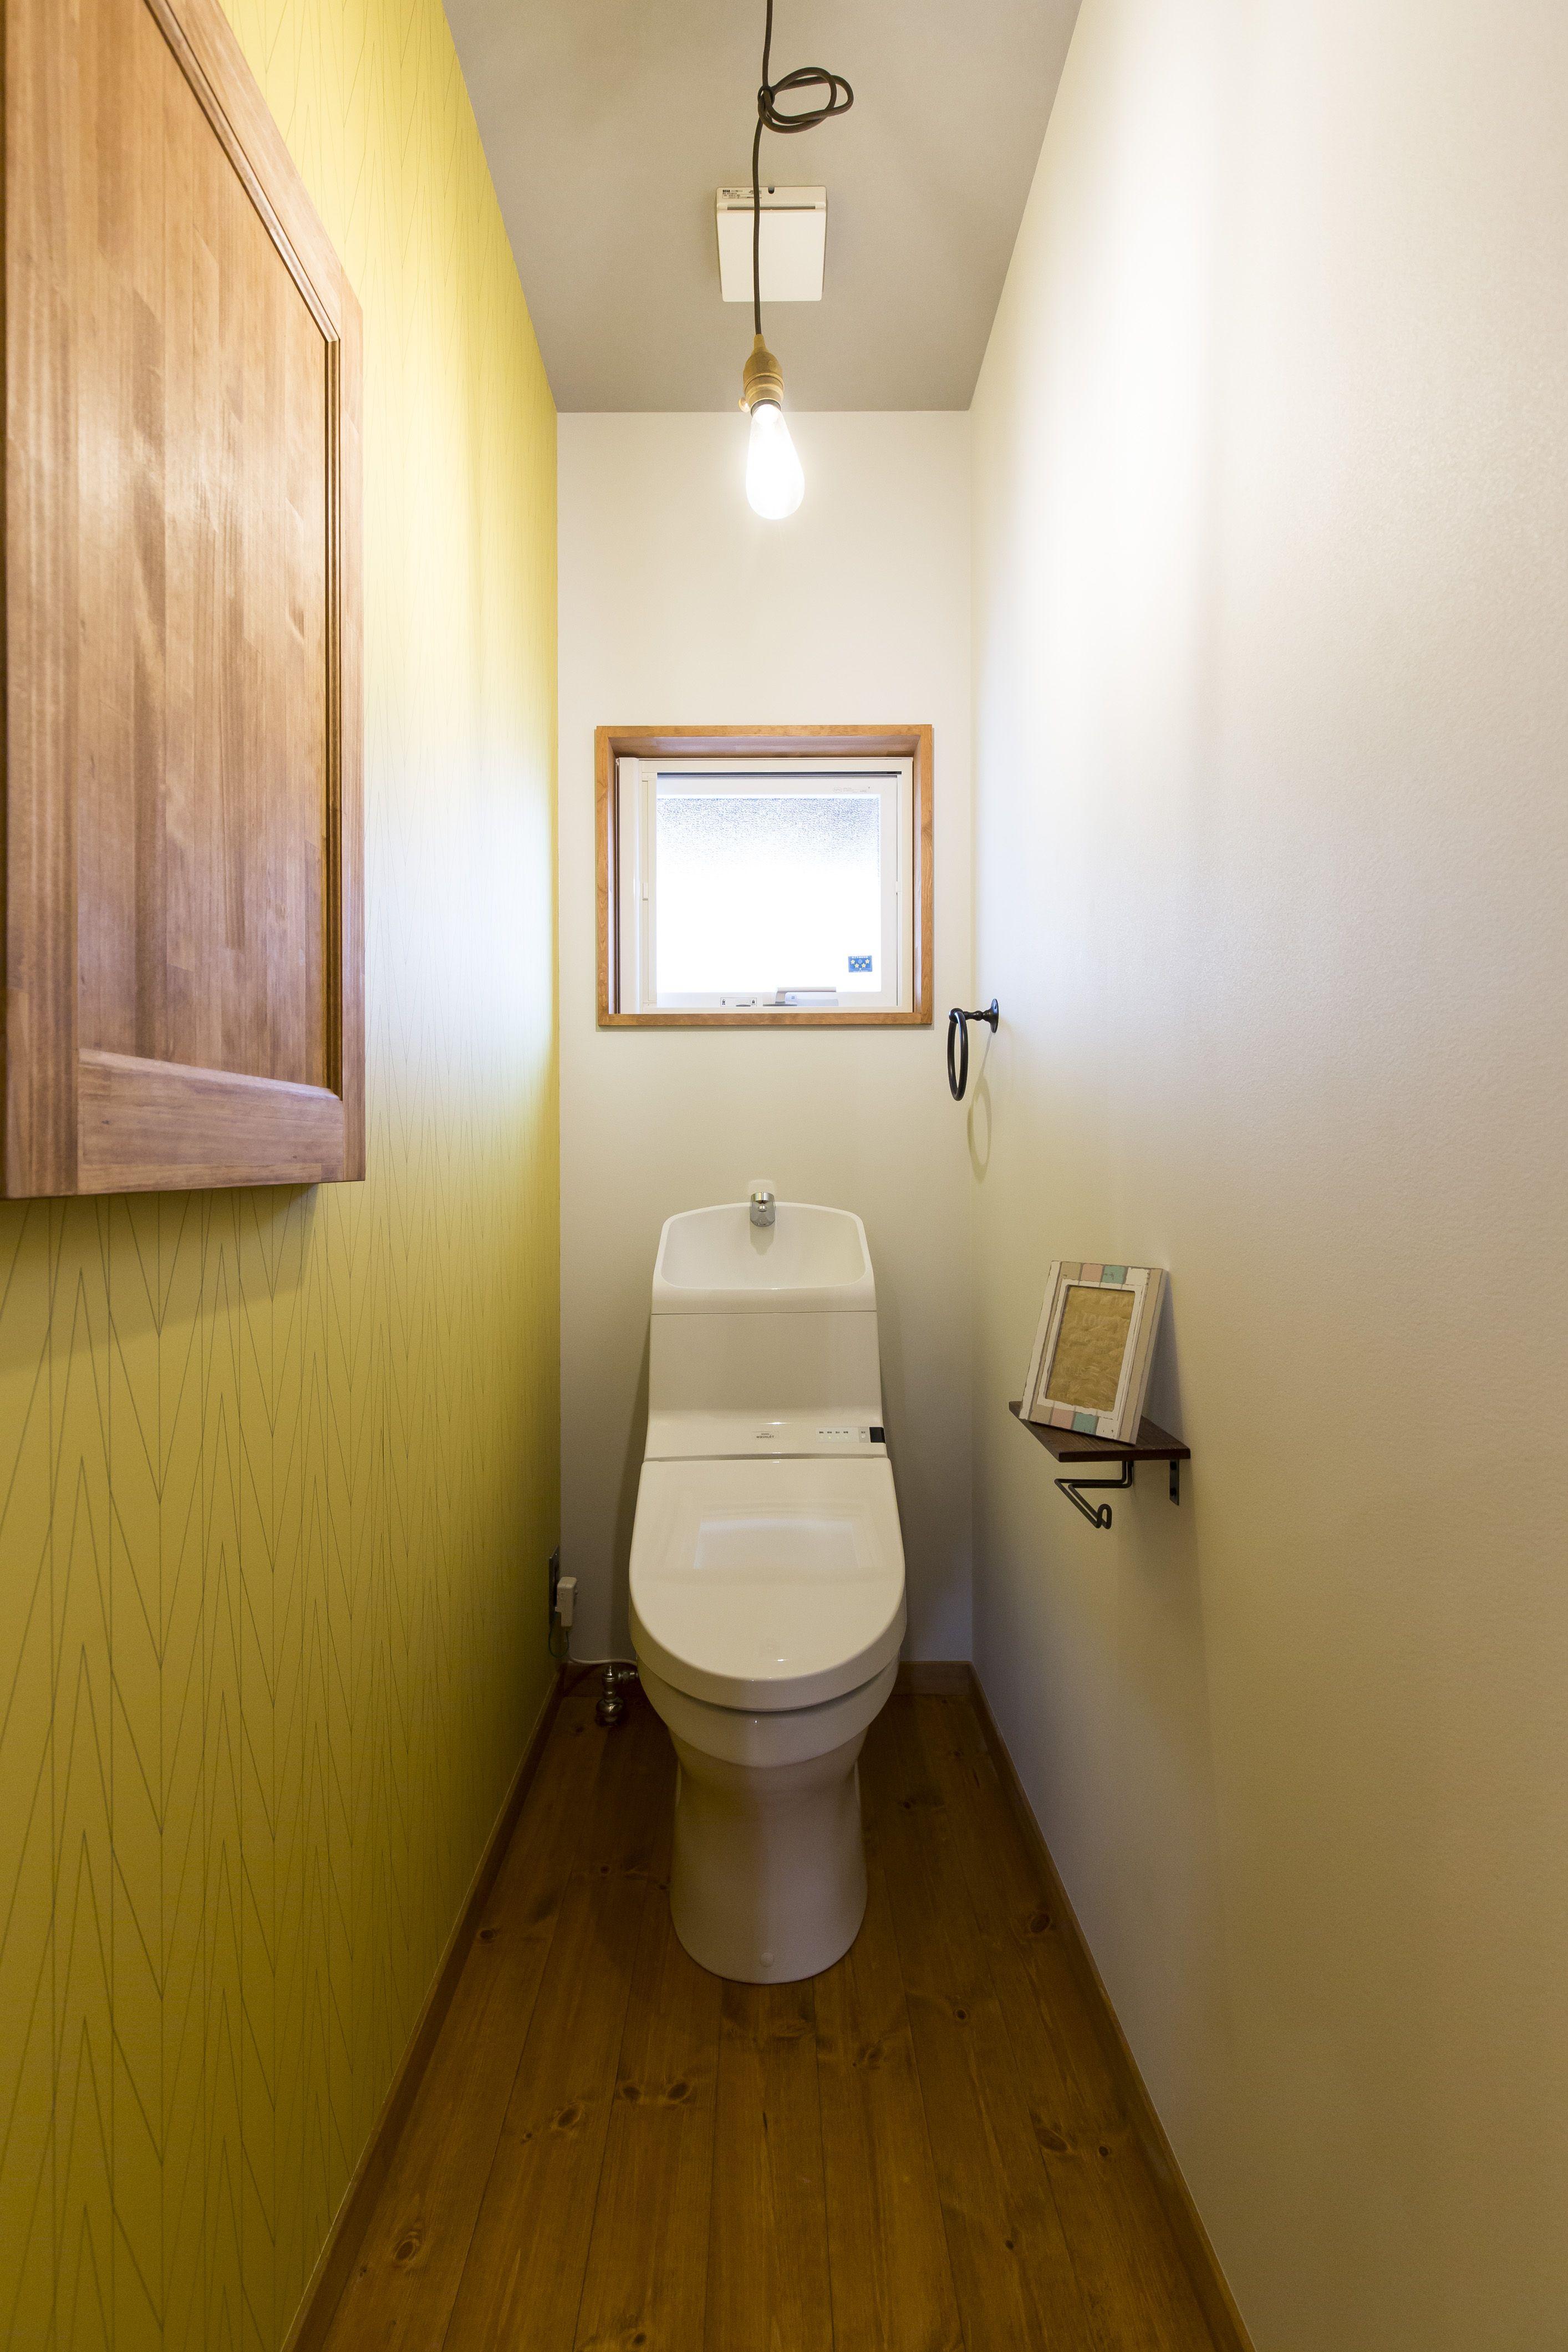 イエローのアクセントクロスがかわいいトイレ 施工事例 Bino Bino